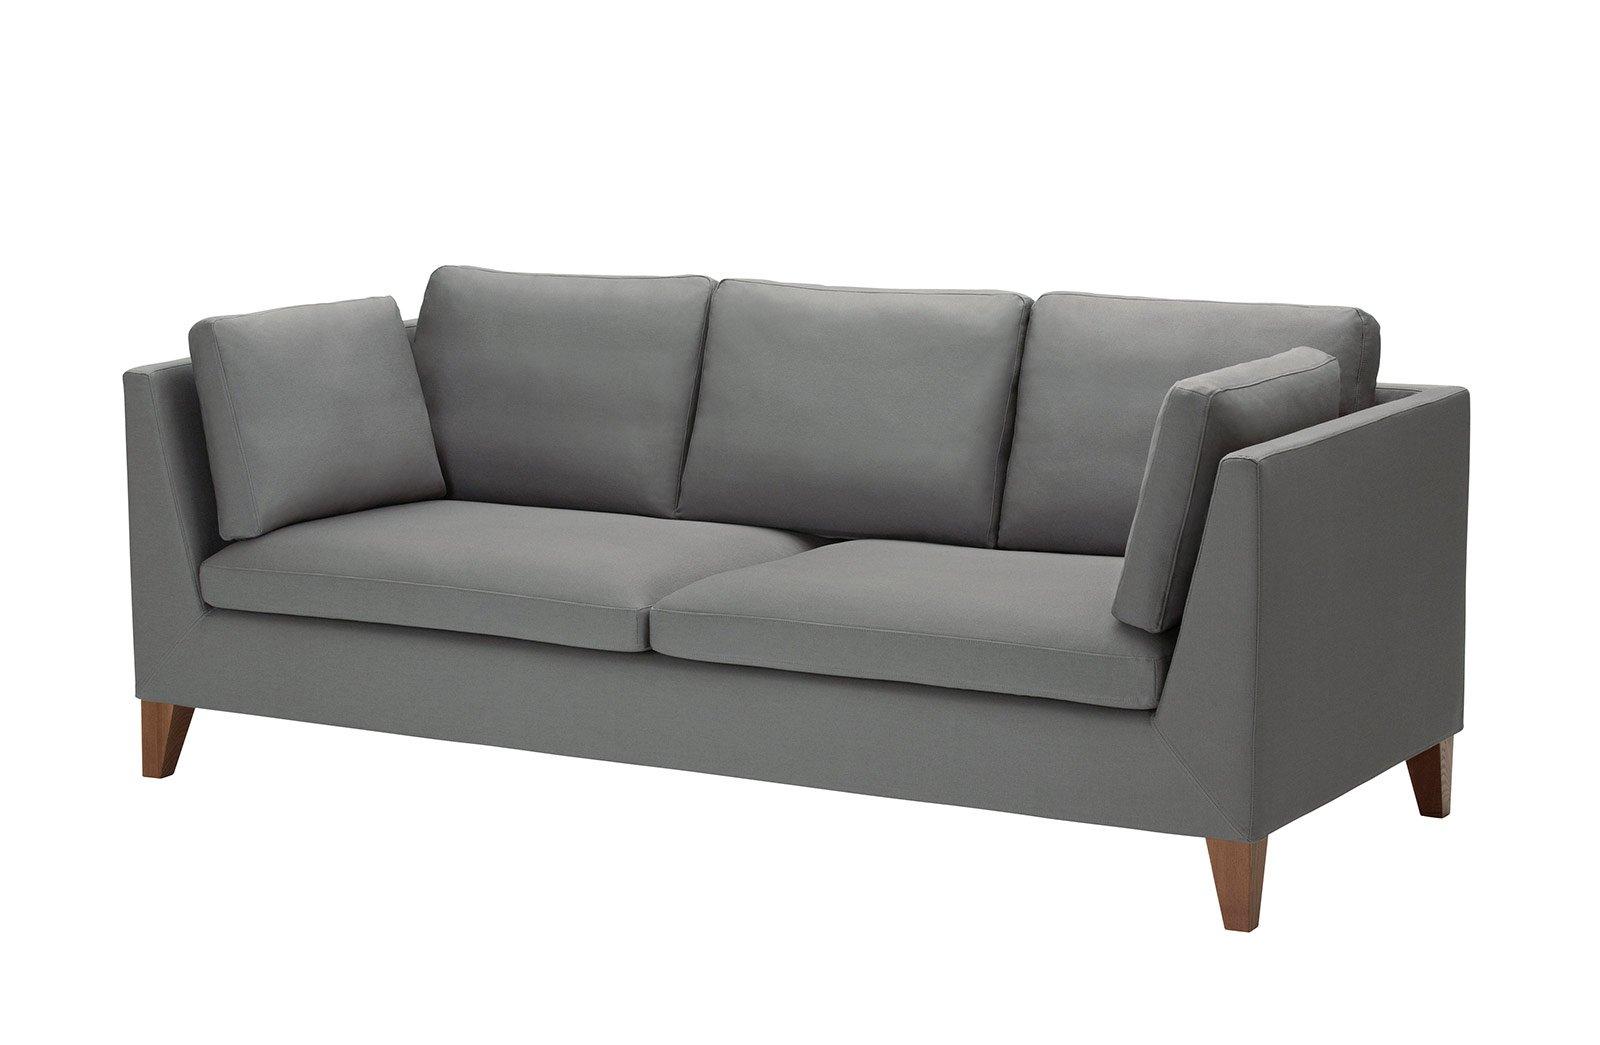 Divano scuro con quali accessori lo ravvivo cose di casa - Cuscini da divano ...